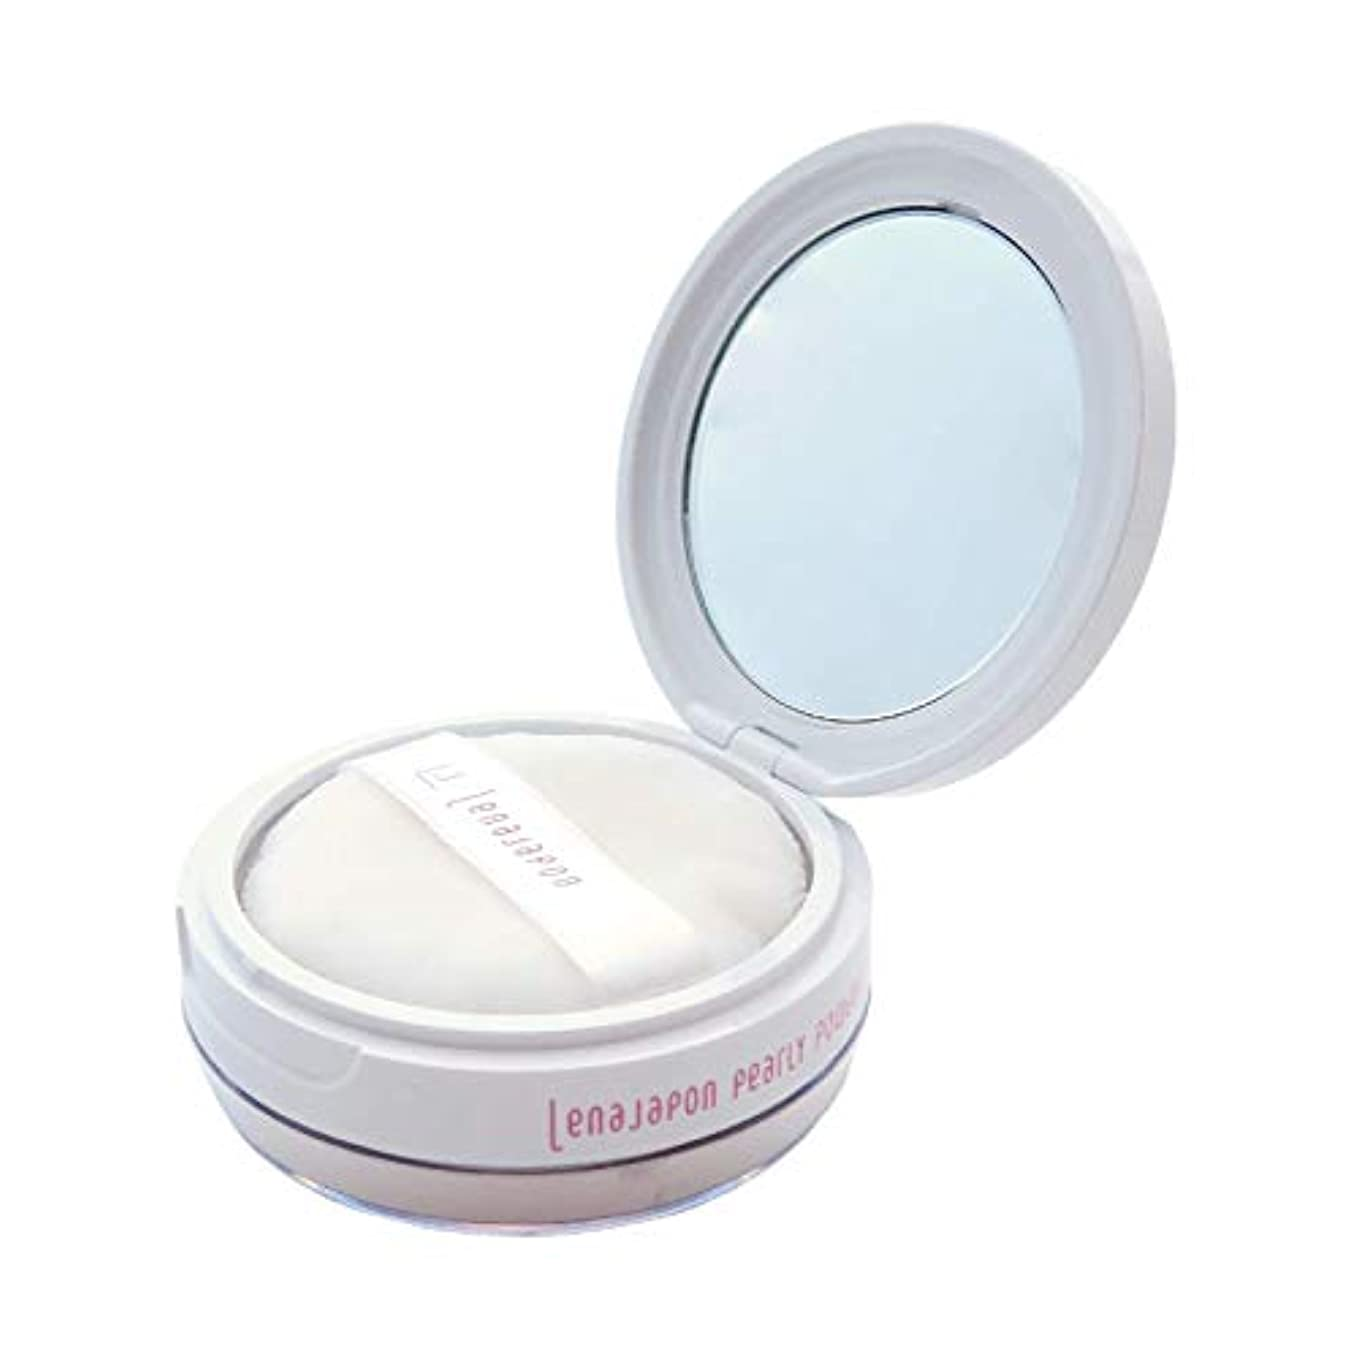 ペンス祈り支援するレナジャポン LJ パーリィーパウダー / LENAJAPON〈moisturizing beauty face powder〉LJ PEARLY POWDER